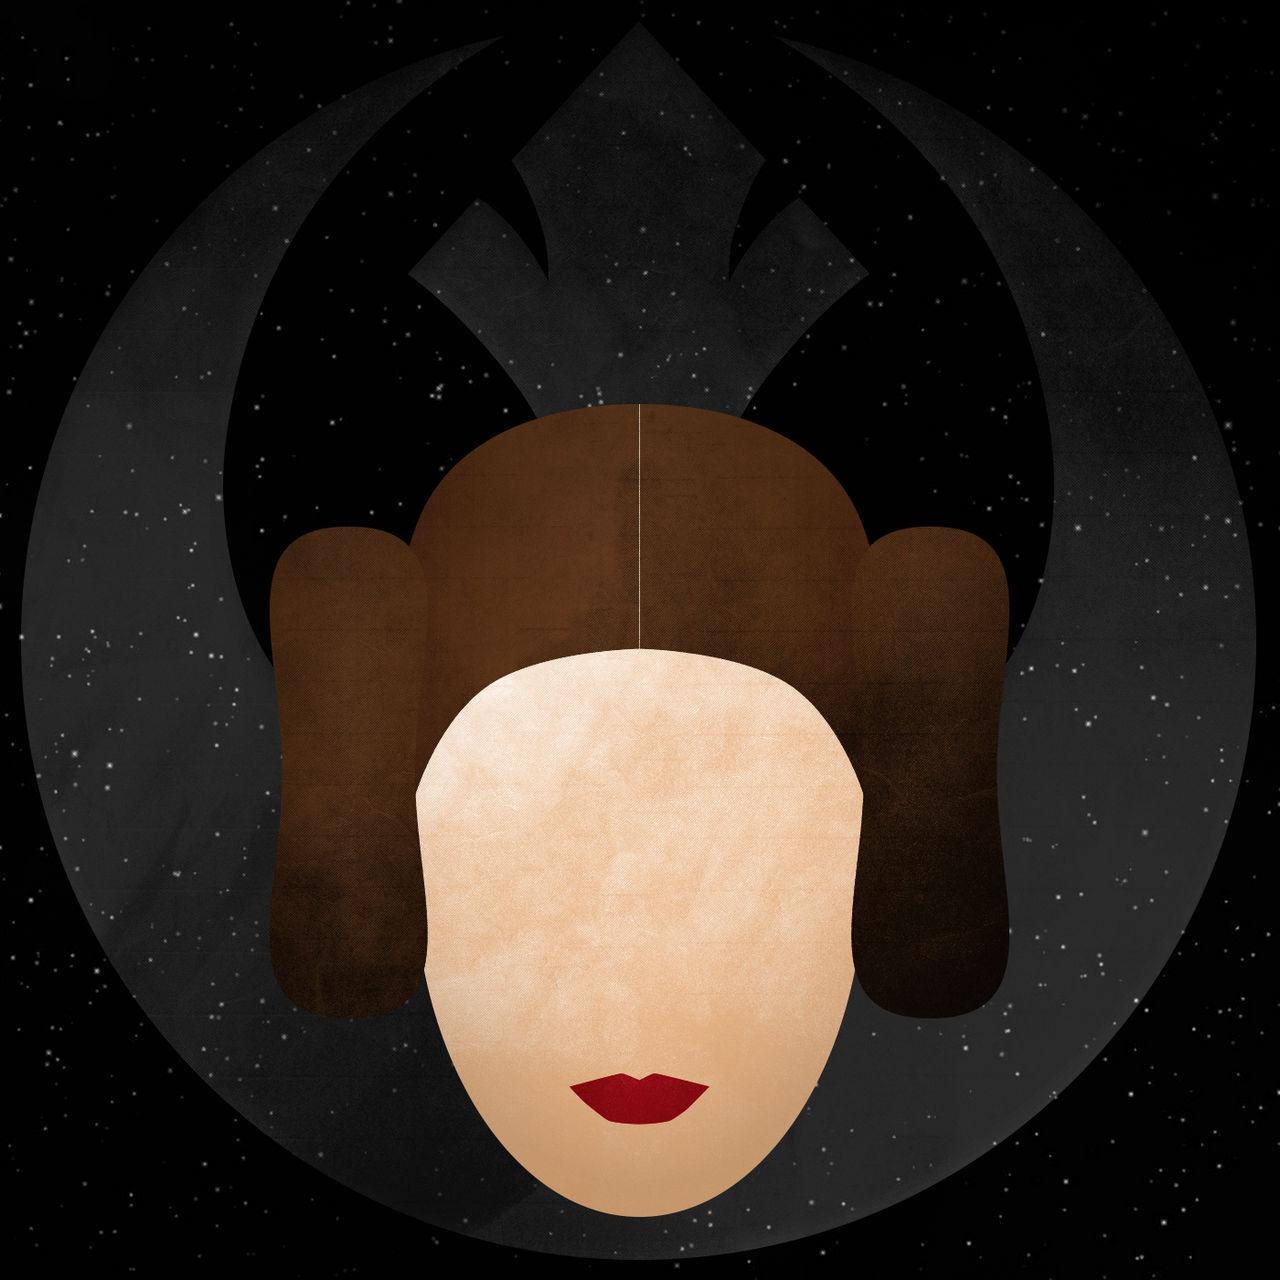 Leia by ransie84